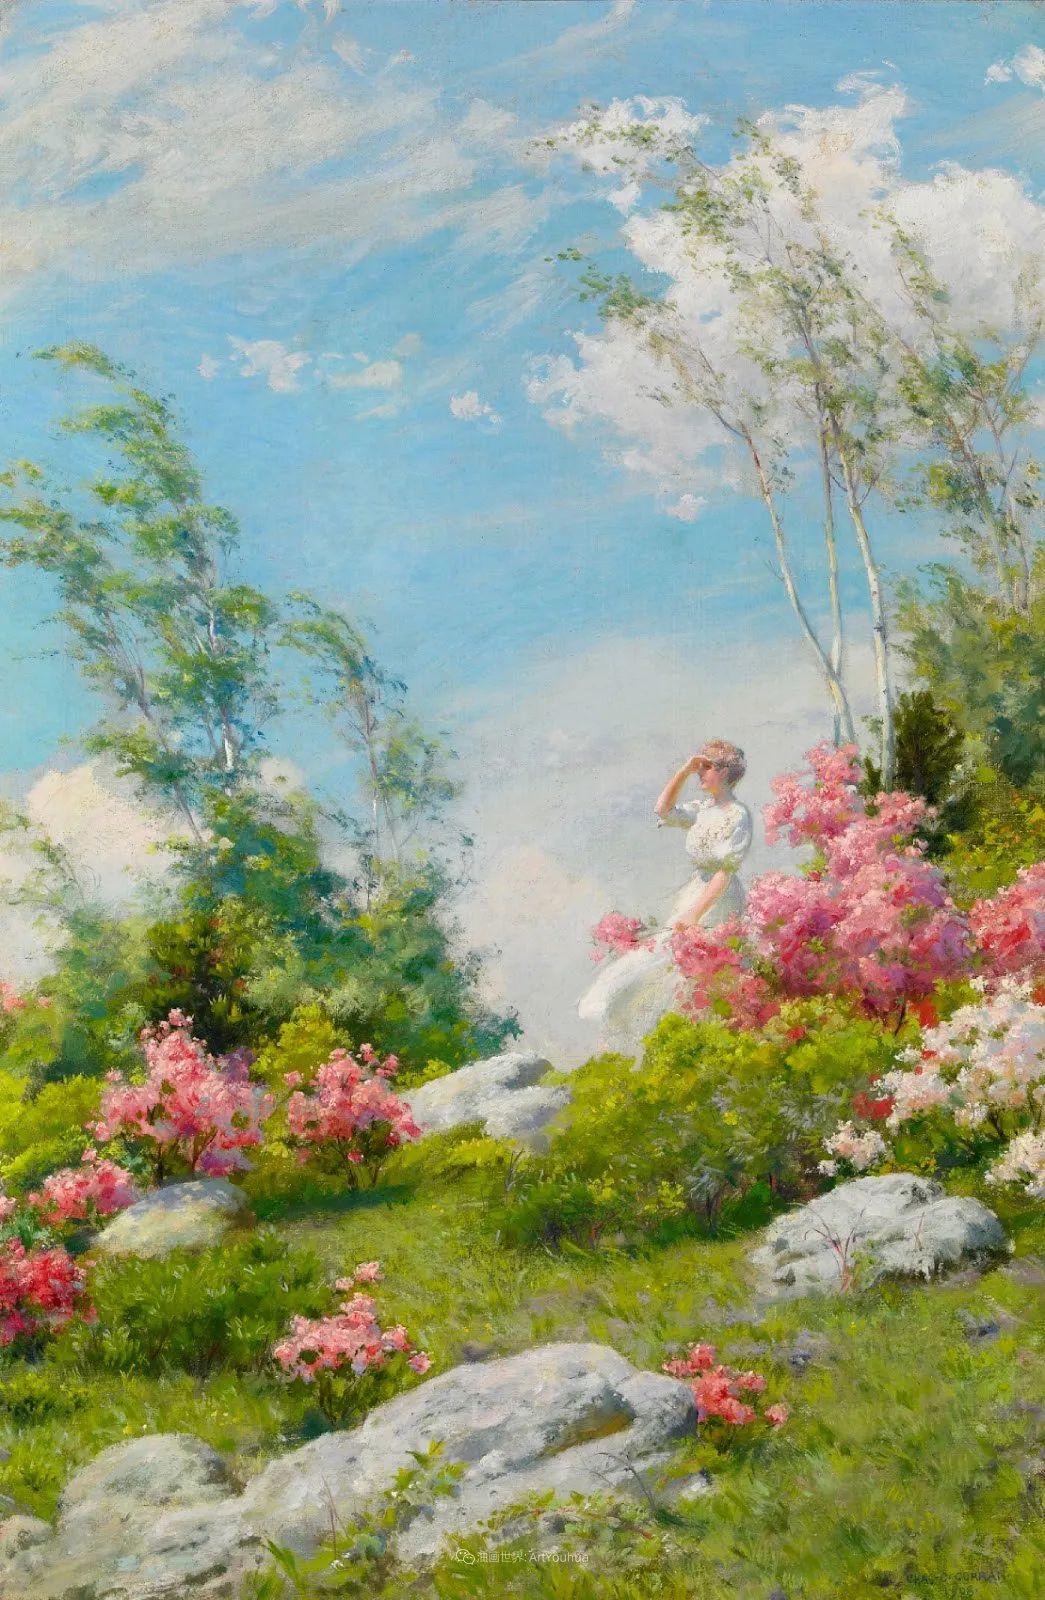 他画笔下的女人, 犹如春天的茉莉花, 清香、娇艳而不失典雅!插图15